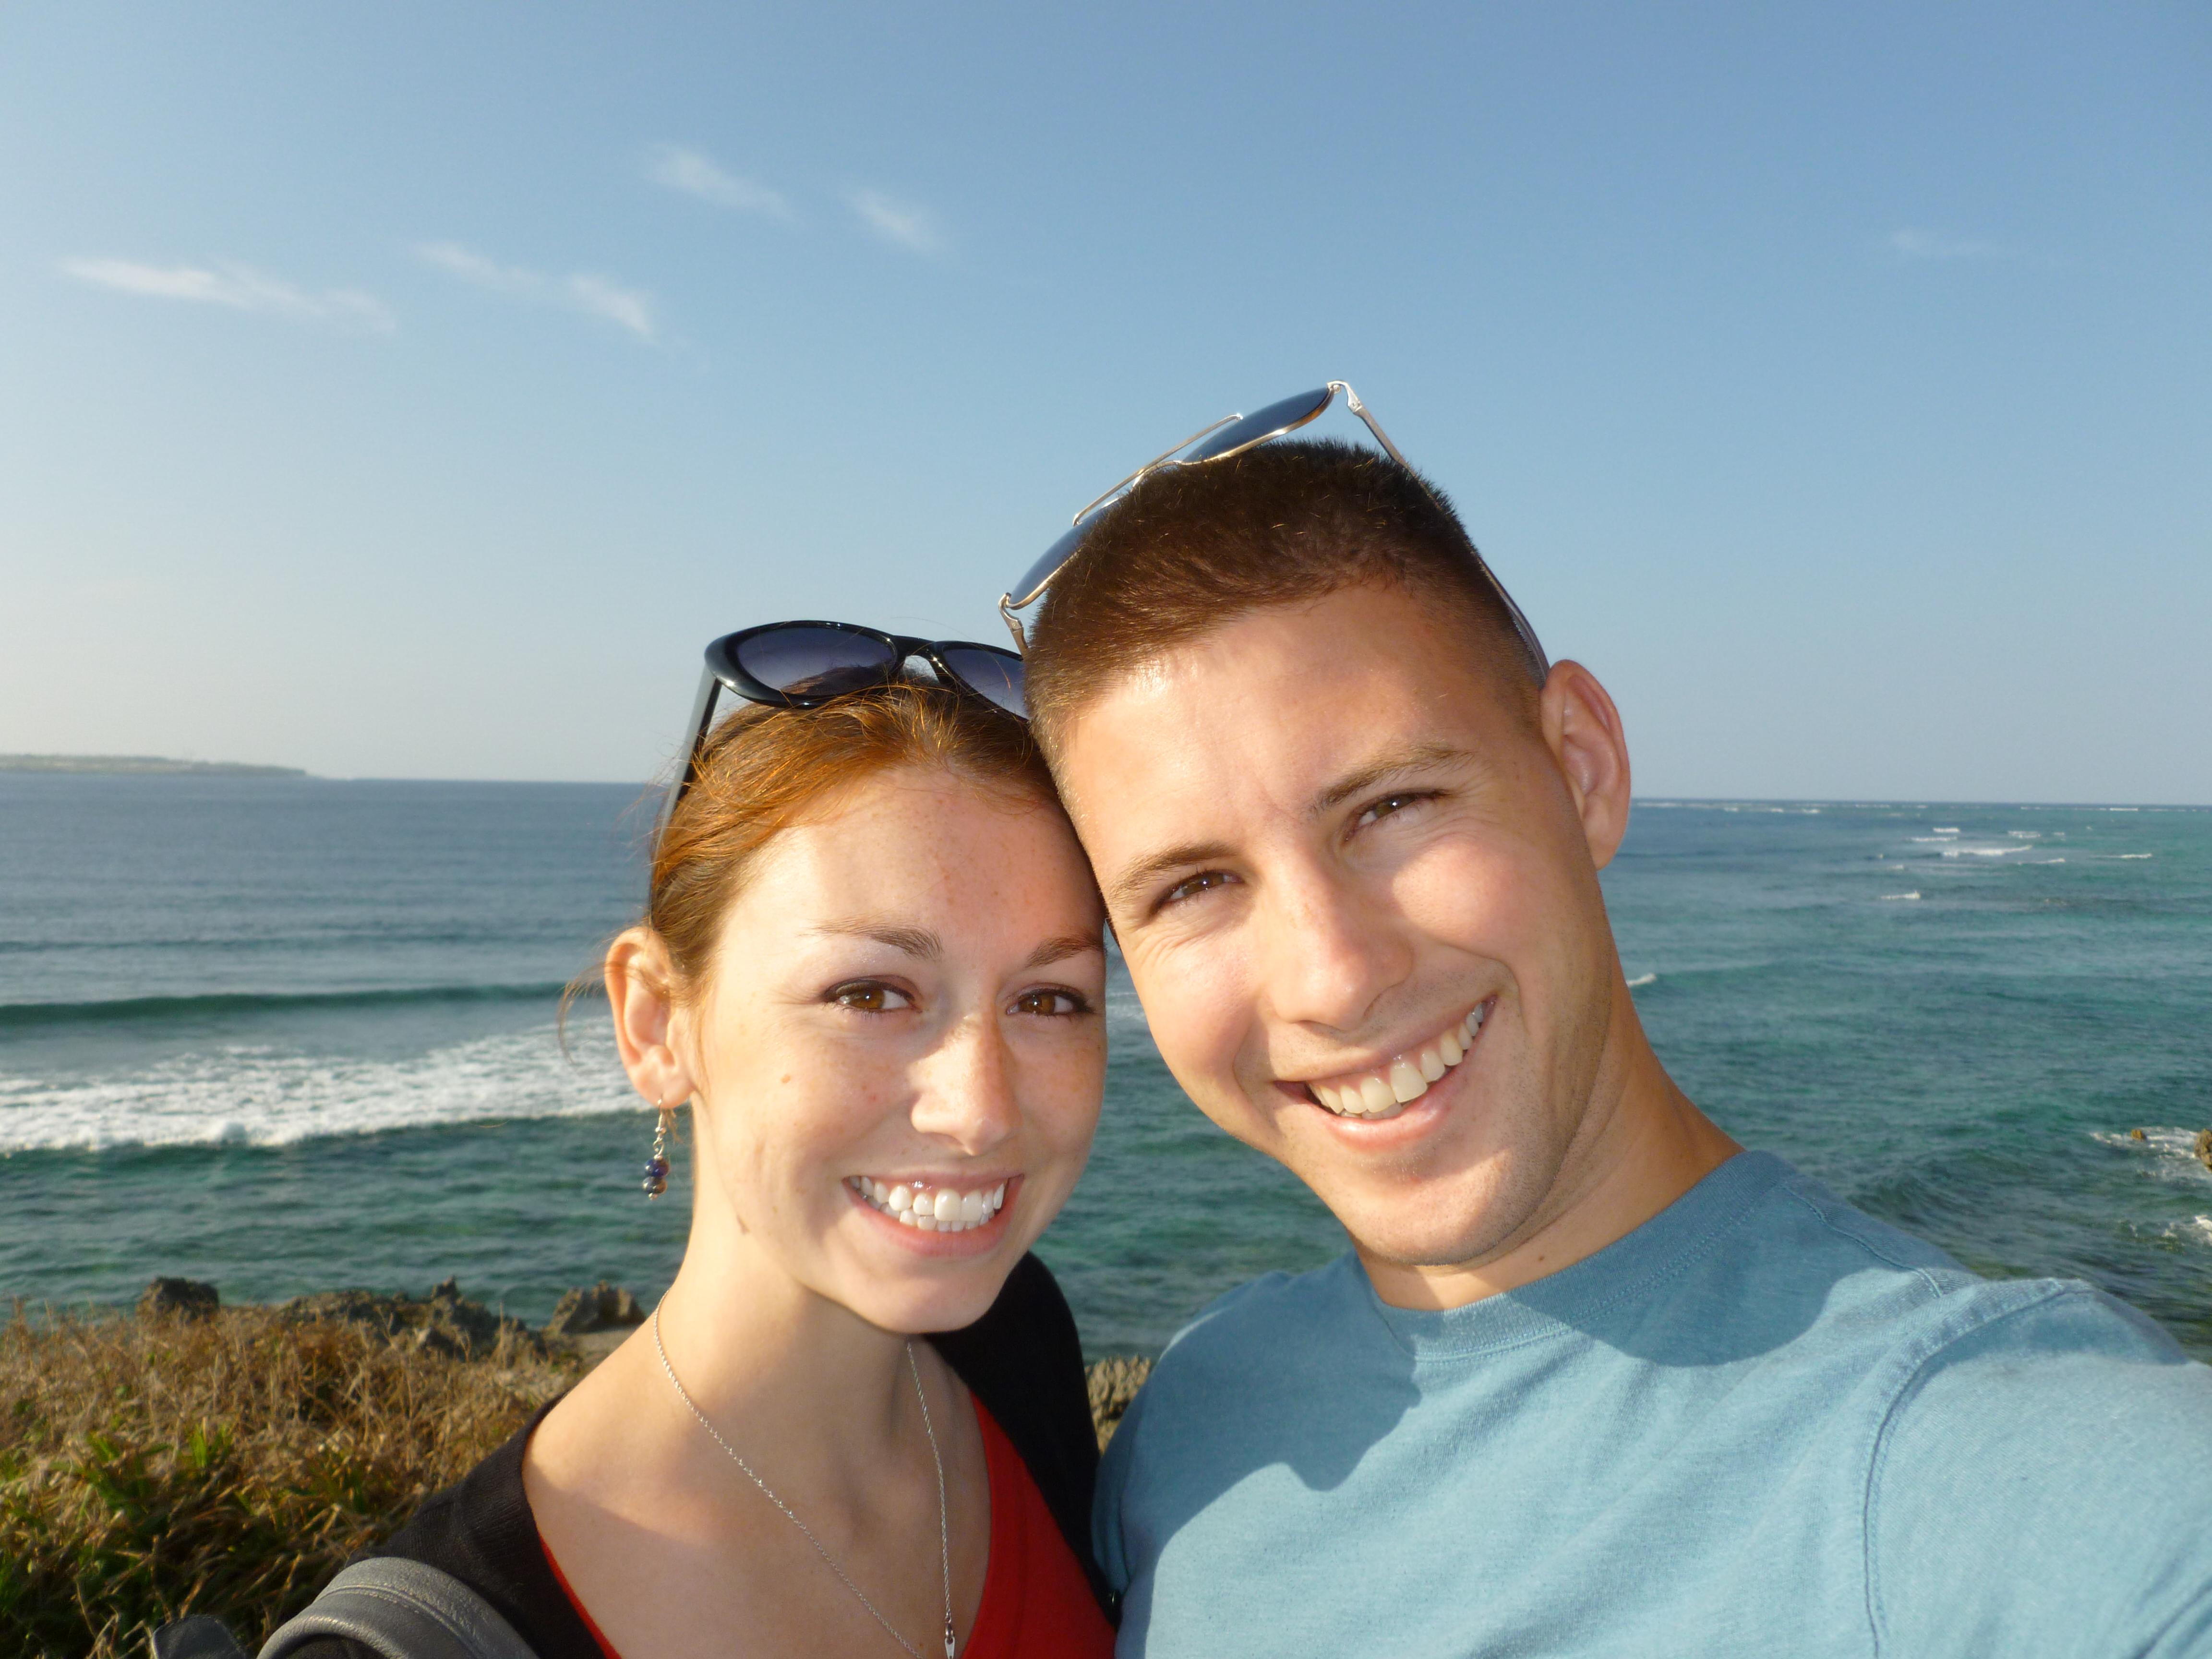 Okinawa Women seeking for Men w4m